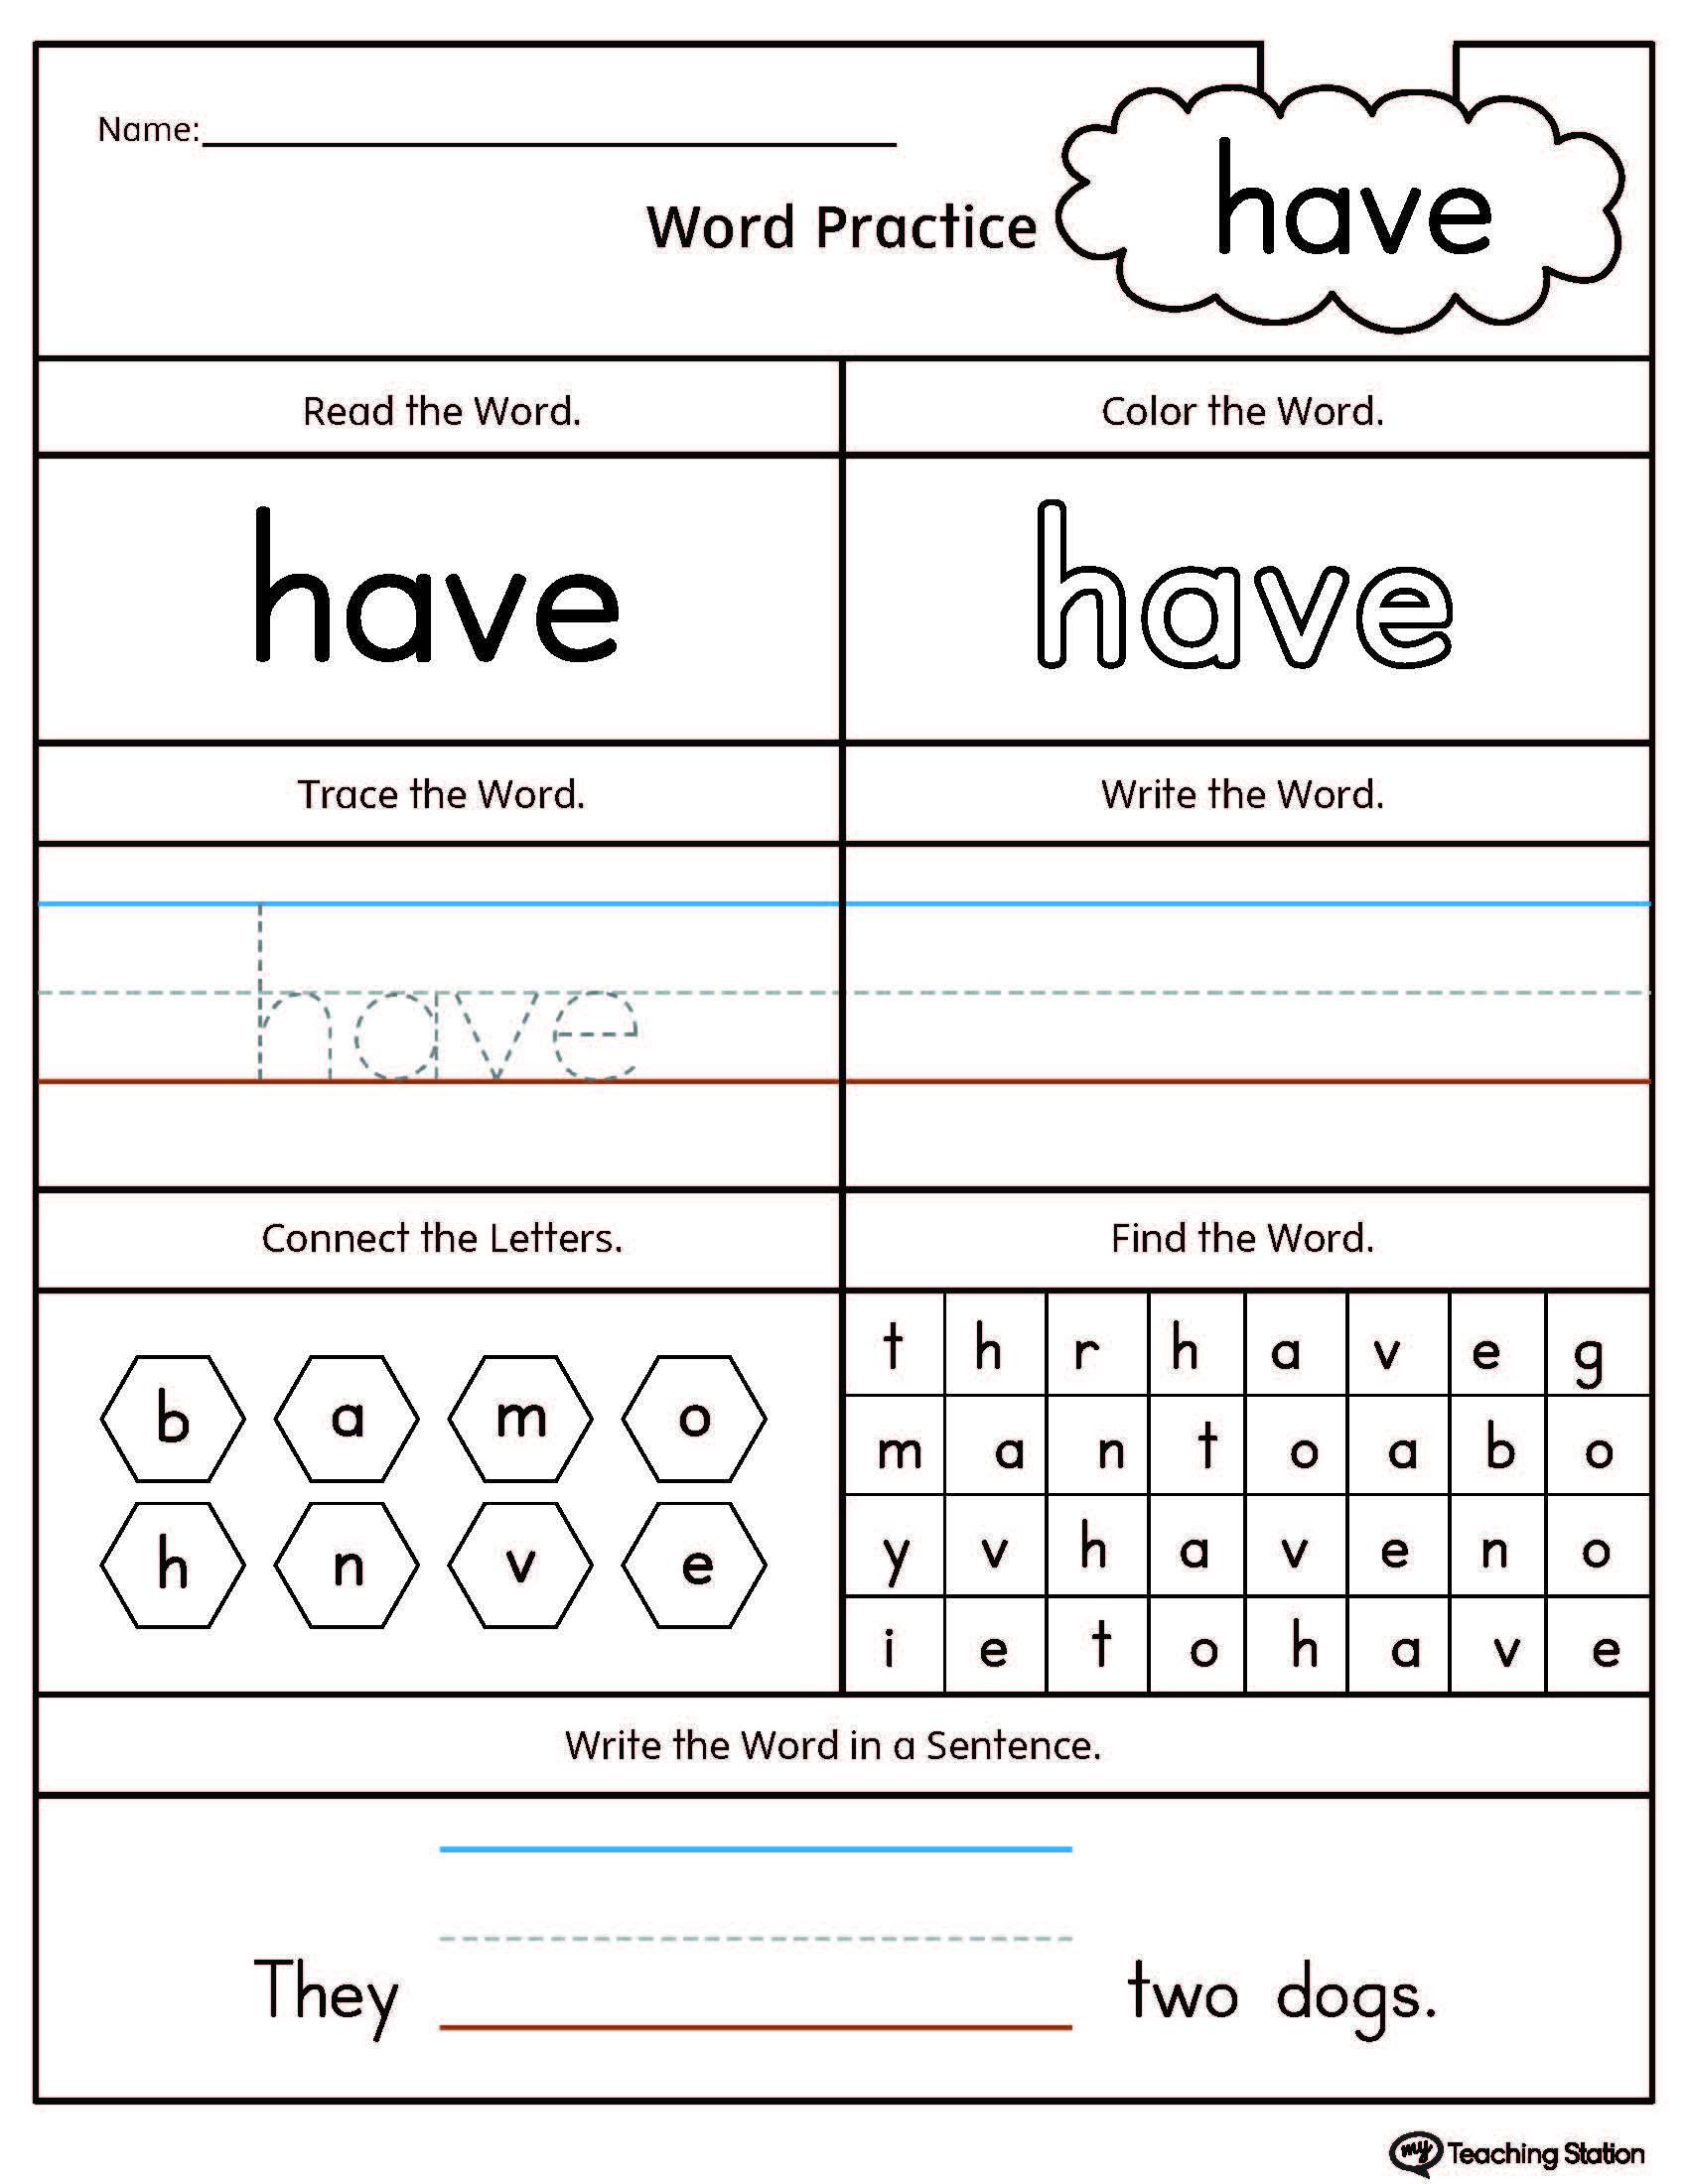 worksheet Free Printable Sight Word Worksheets high frequency word have printable worksheet worksheets free practice high